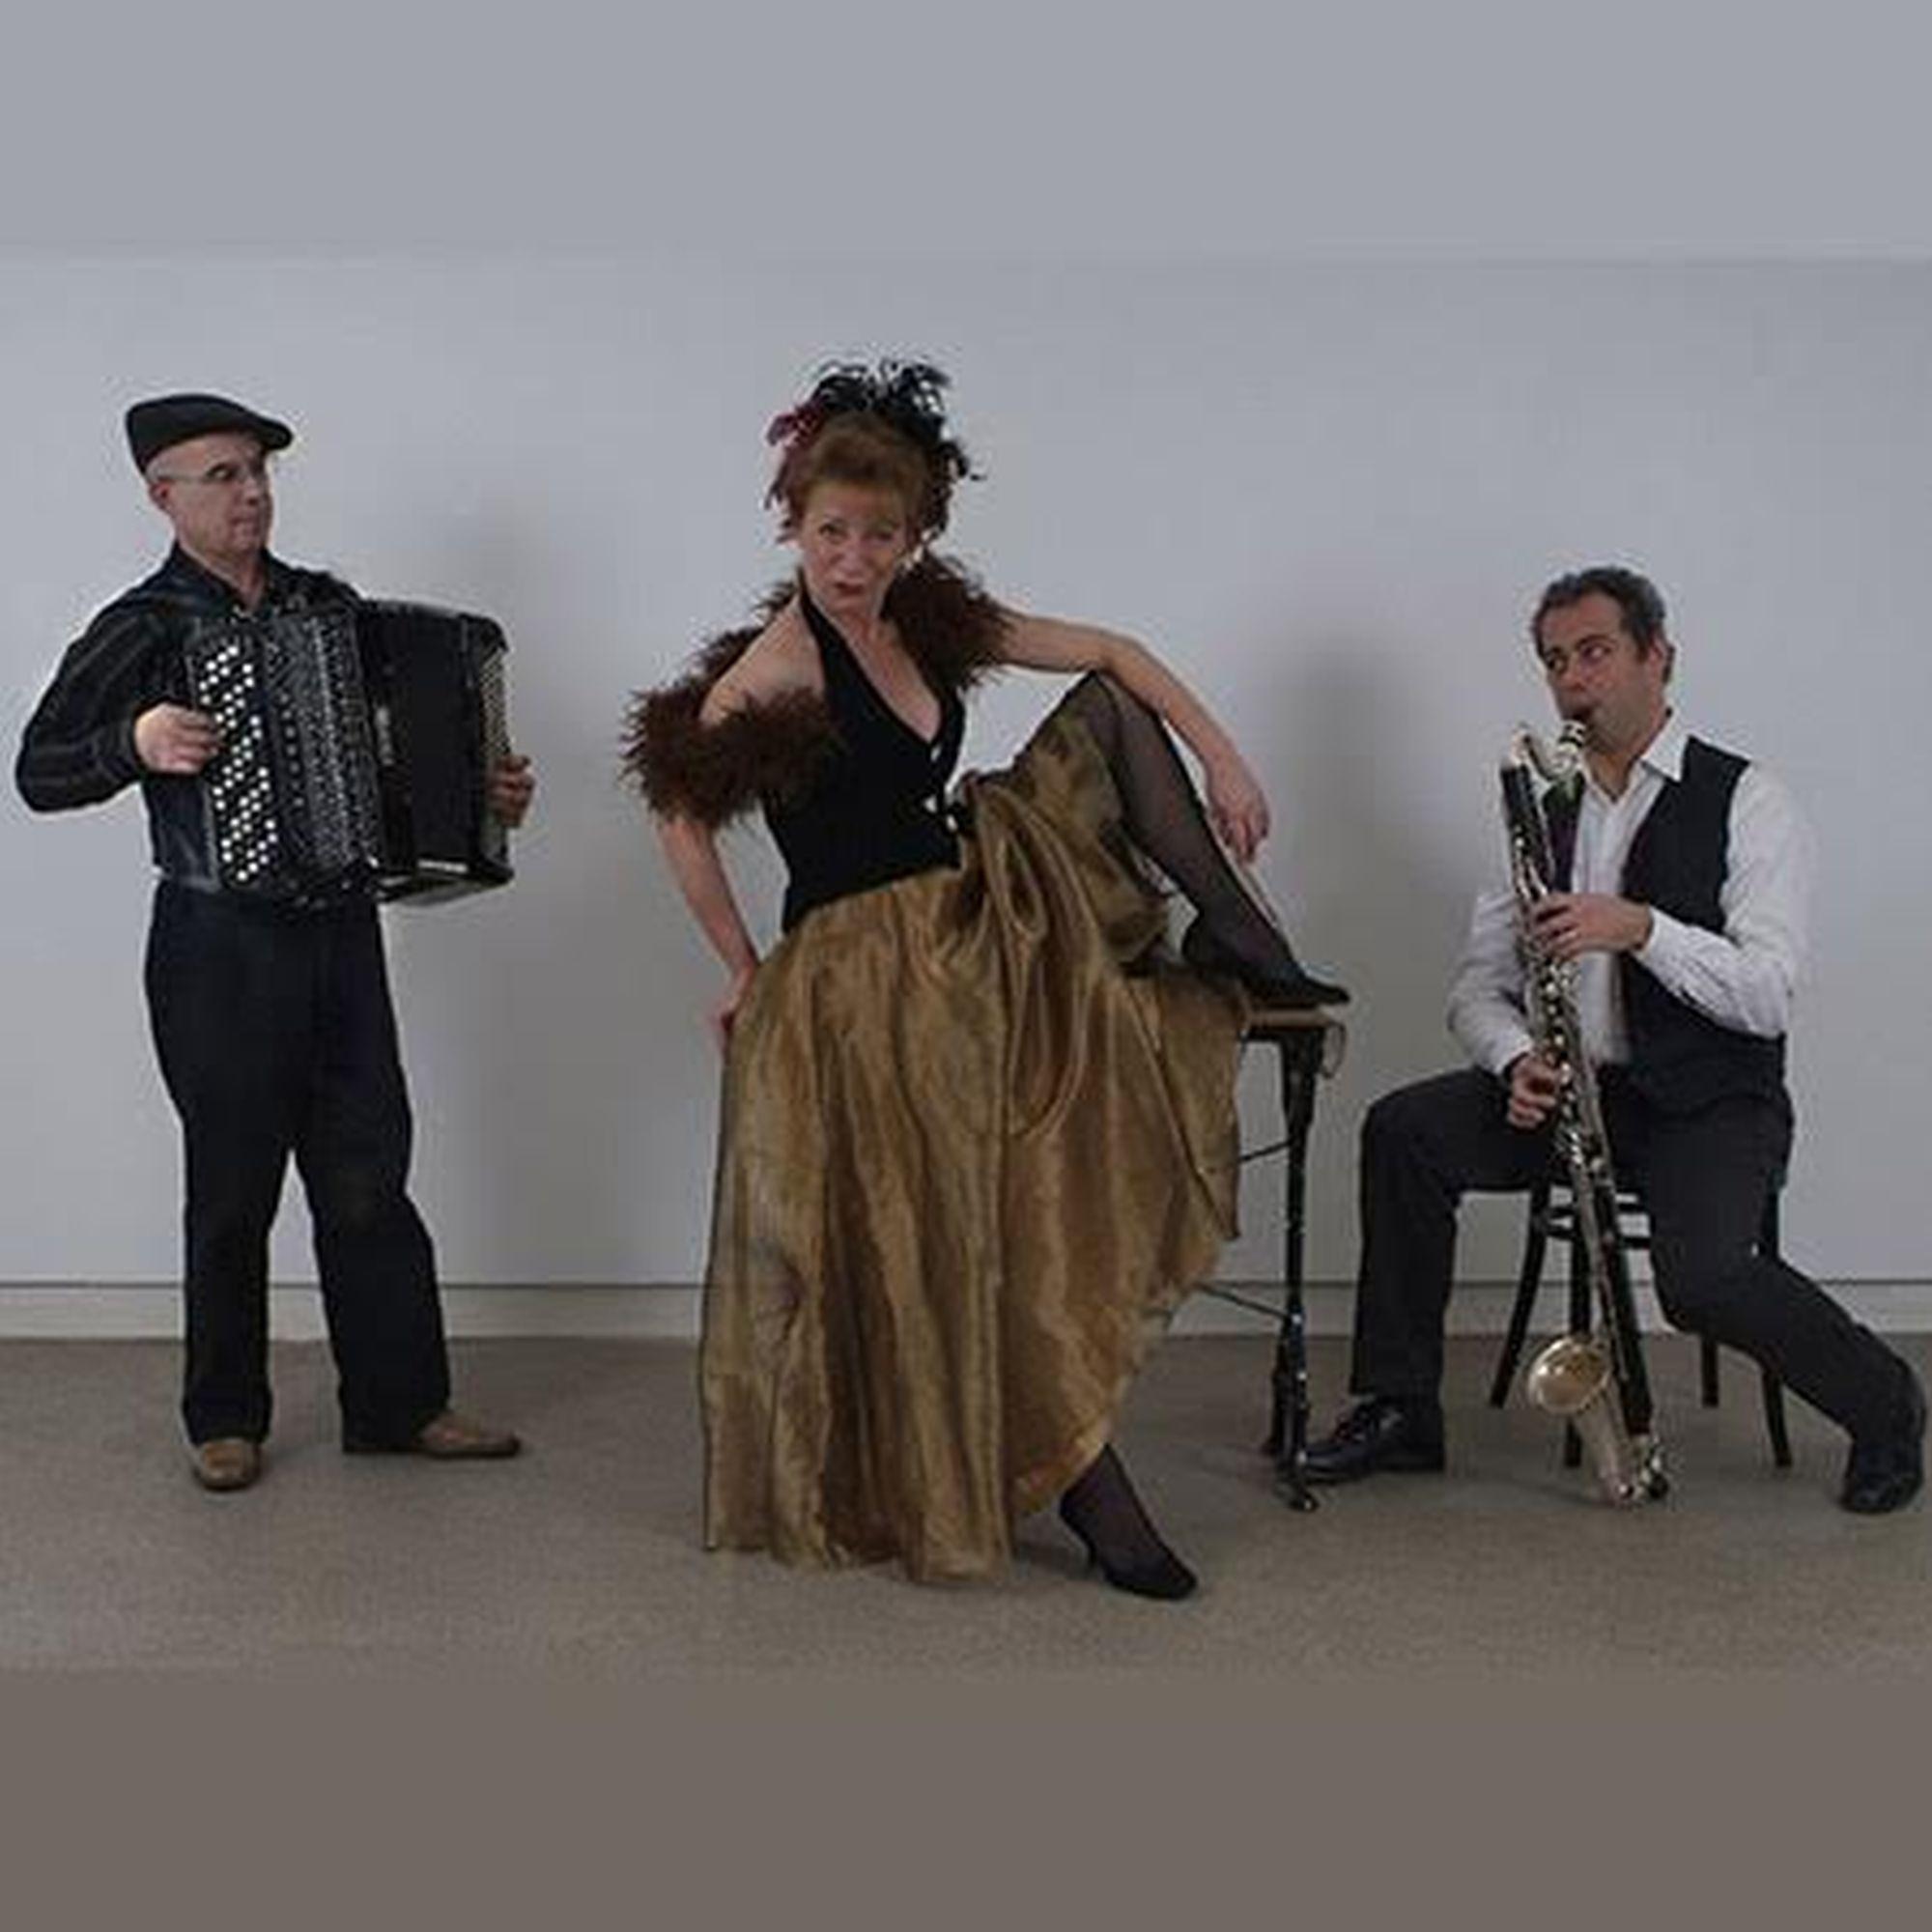 Madame Victoire, Weekend z muzyką francuską na Festiwalu Strefa Ciszy (źródło: materiały prasowe)